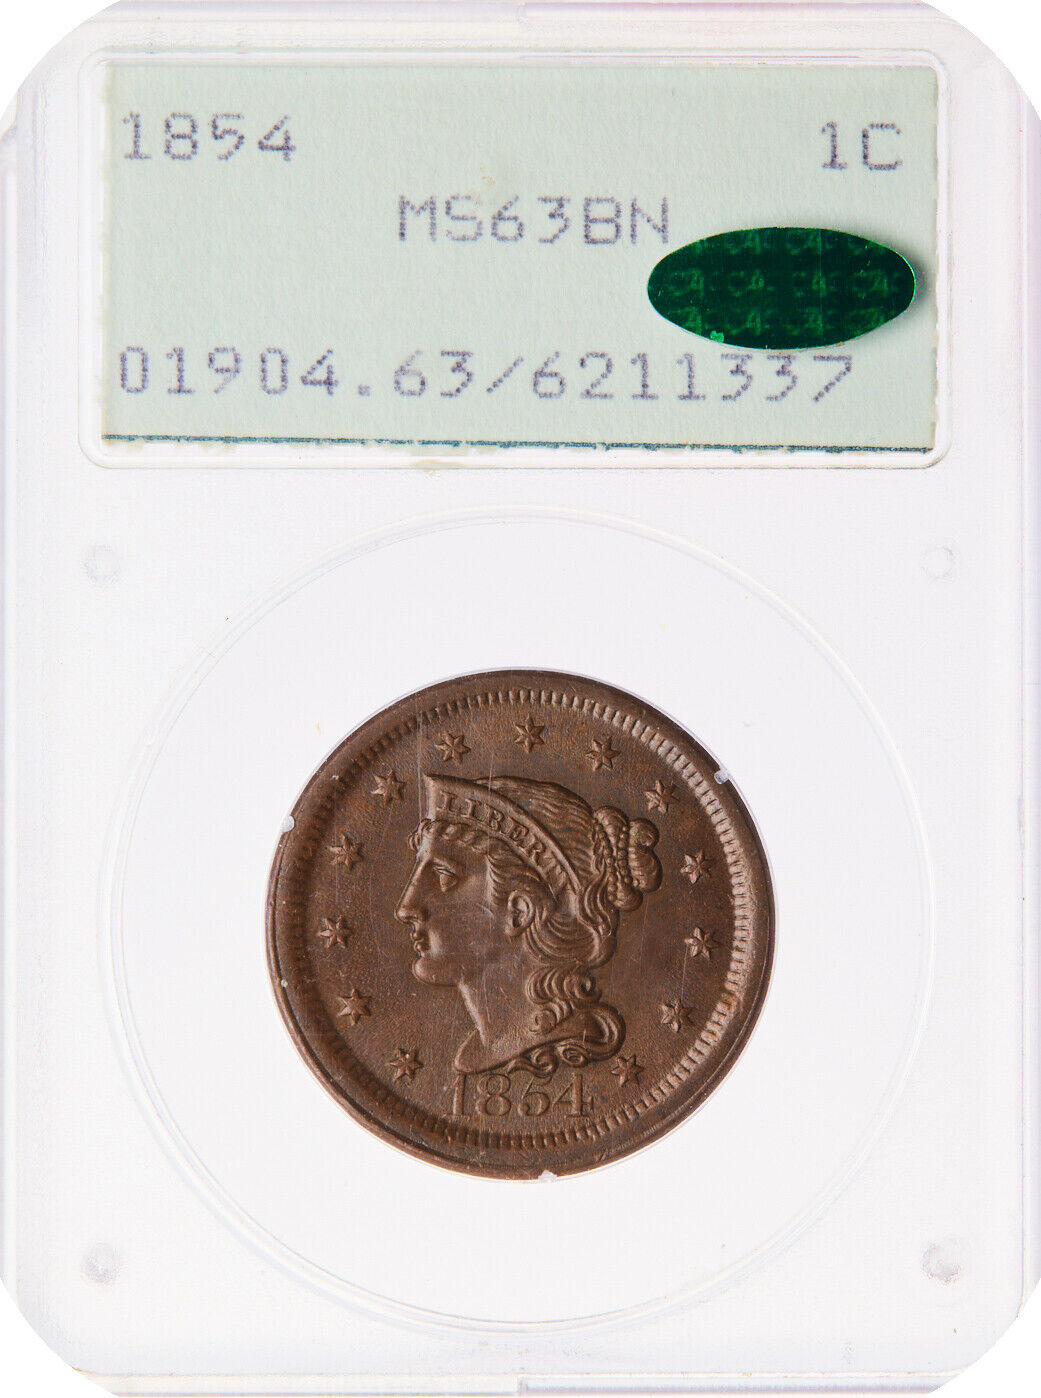 1854 N-11 R-2 PCGS MS 63 BN Braided Hair Large Cent Coin 1c - $1,000.00